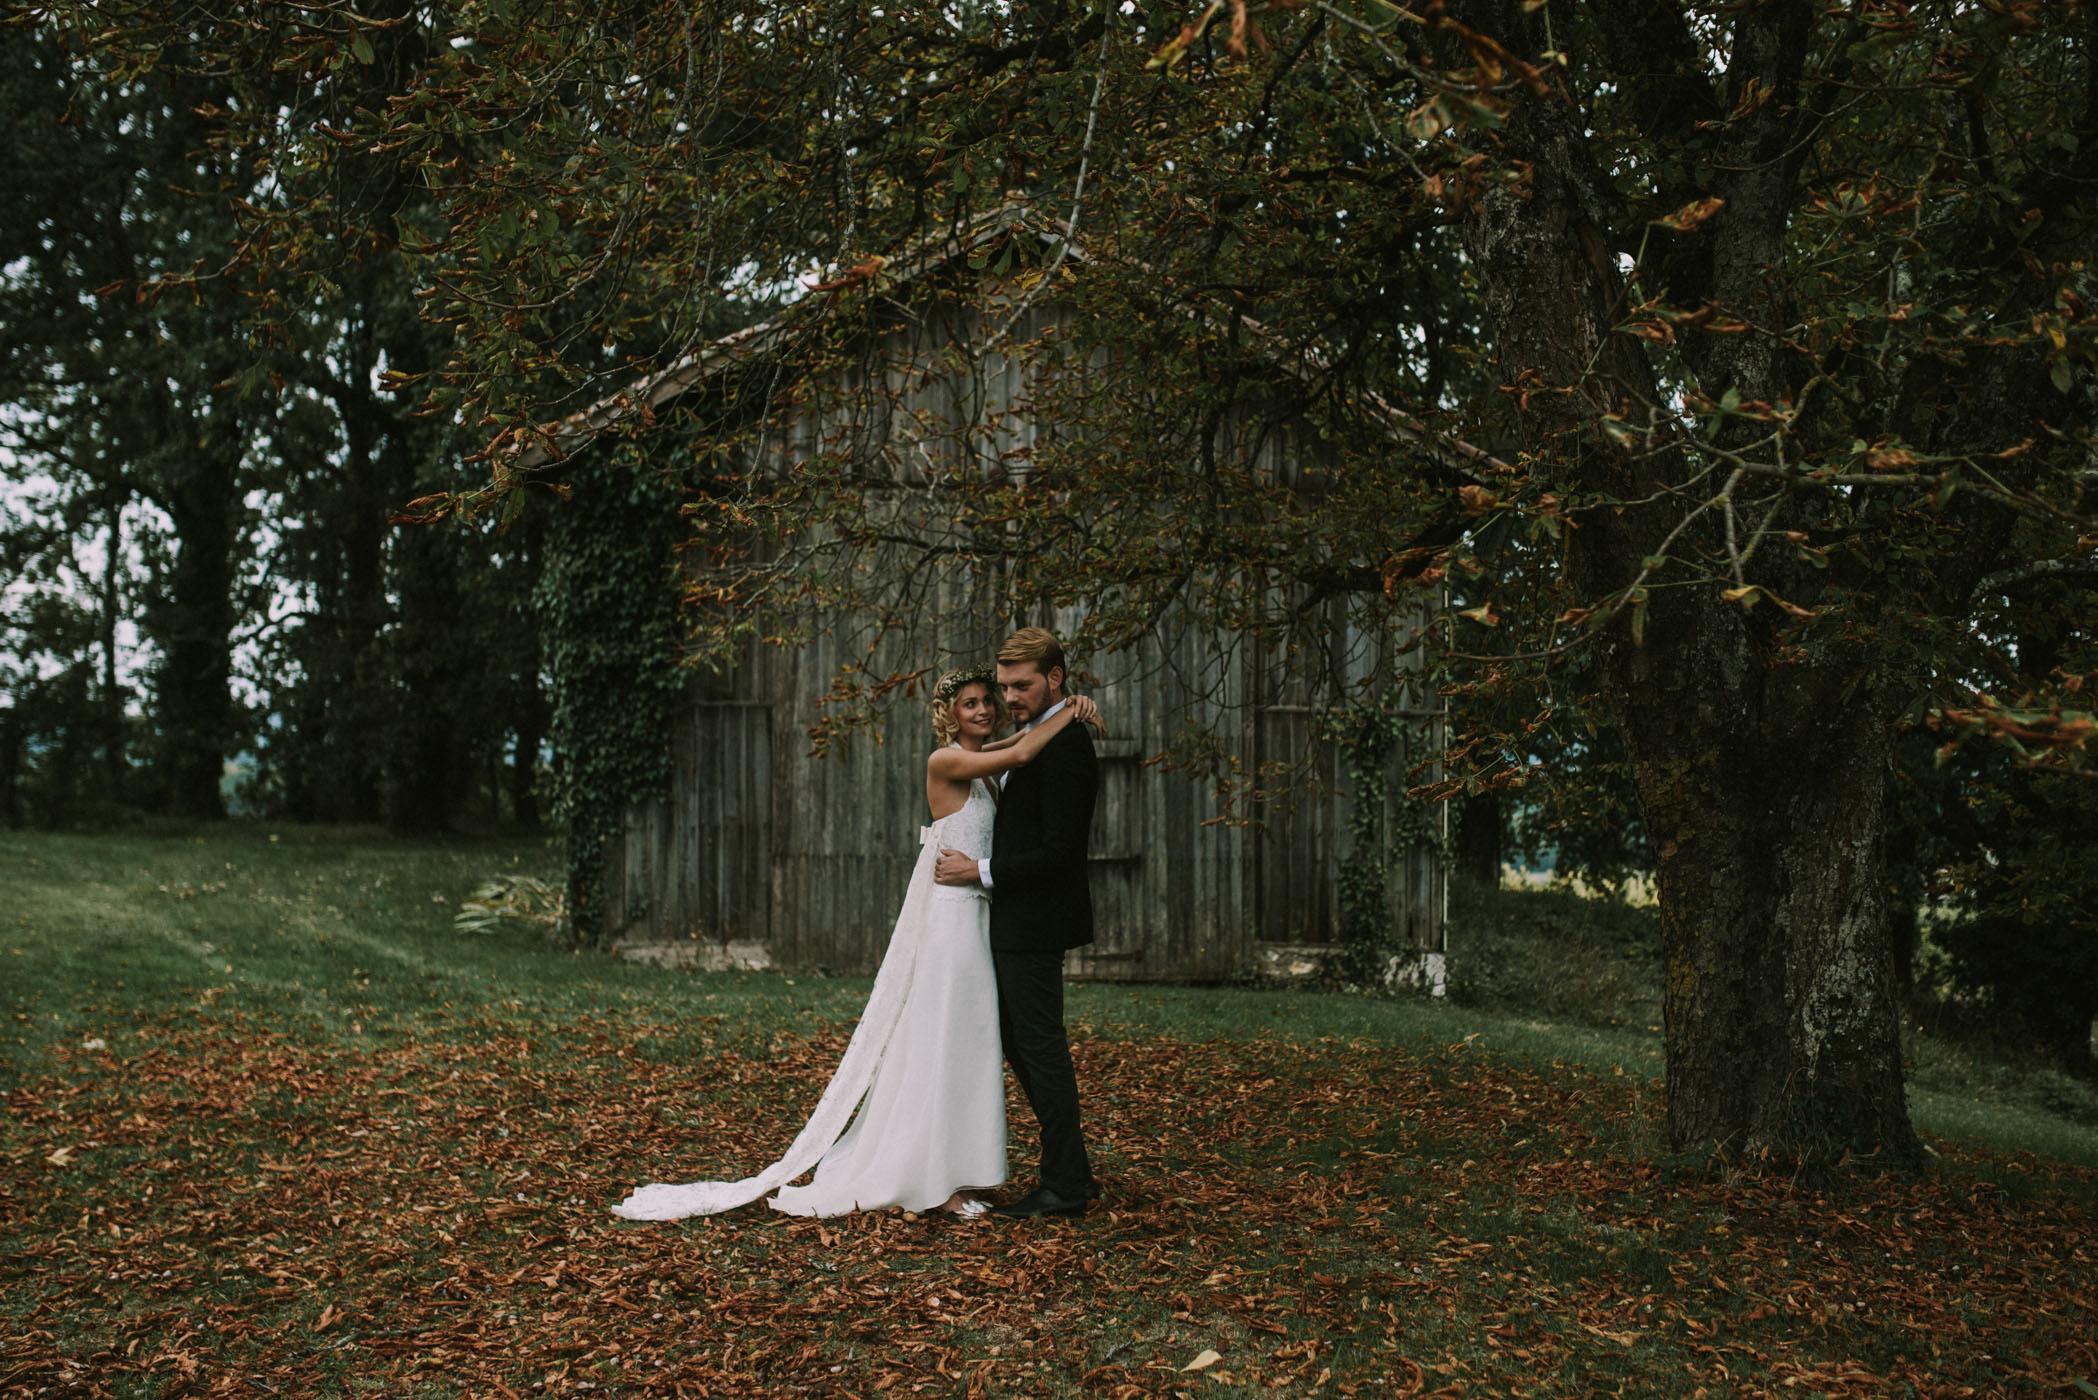 sun-drops-down-shooting-dinspiration-automnal-sous-les-bois-en-dordogne-blog-mariage-la-mariee-sous-les-etoiles-photo-mira-al-pajarito-57